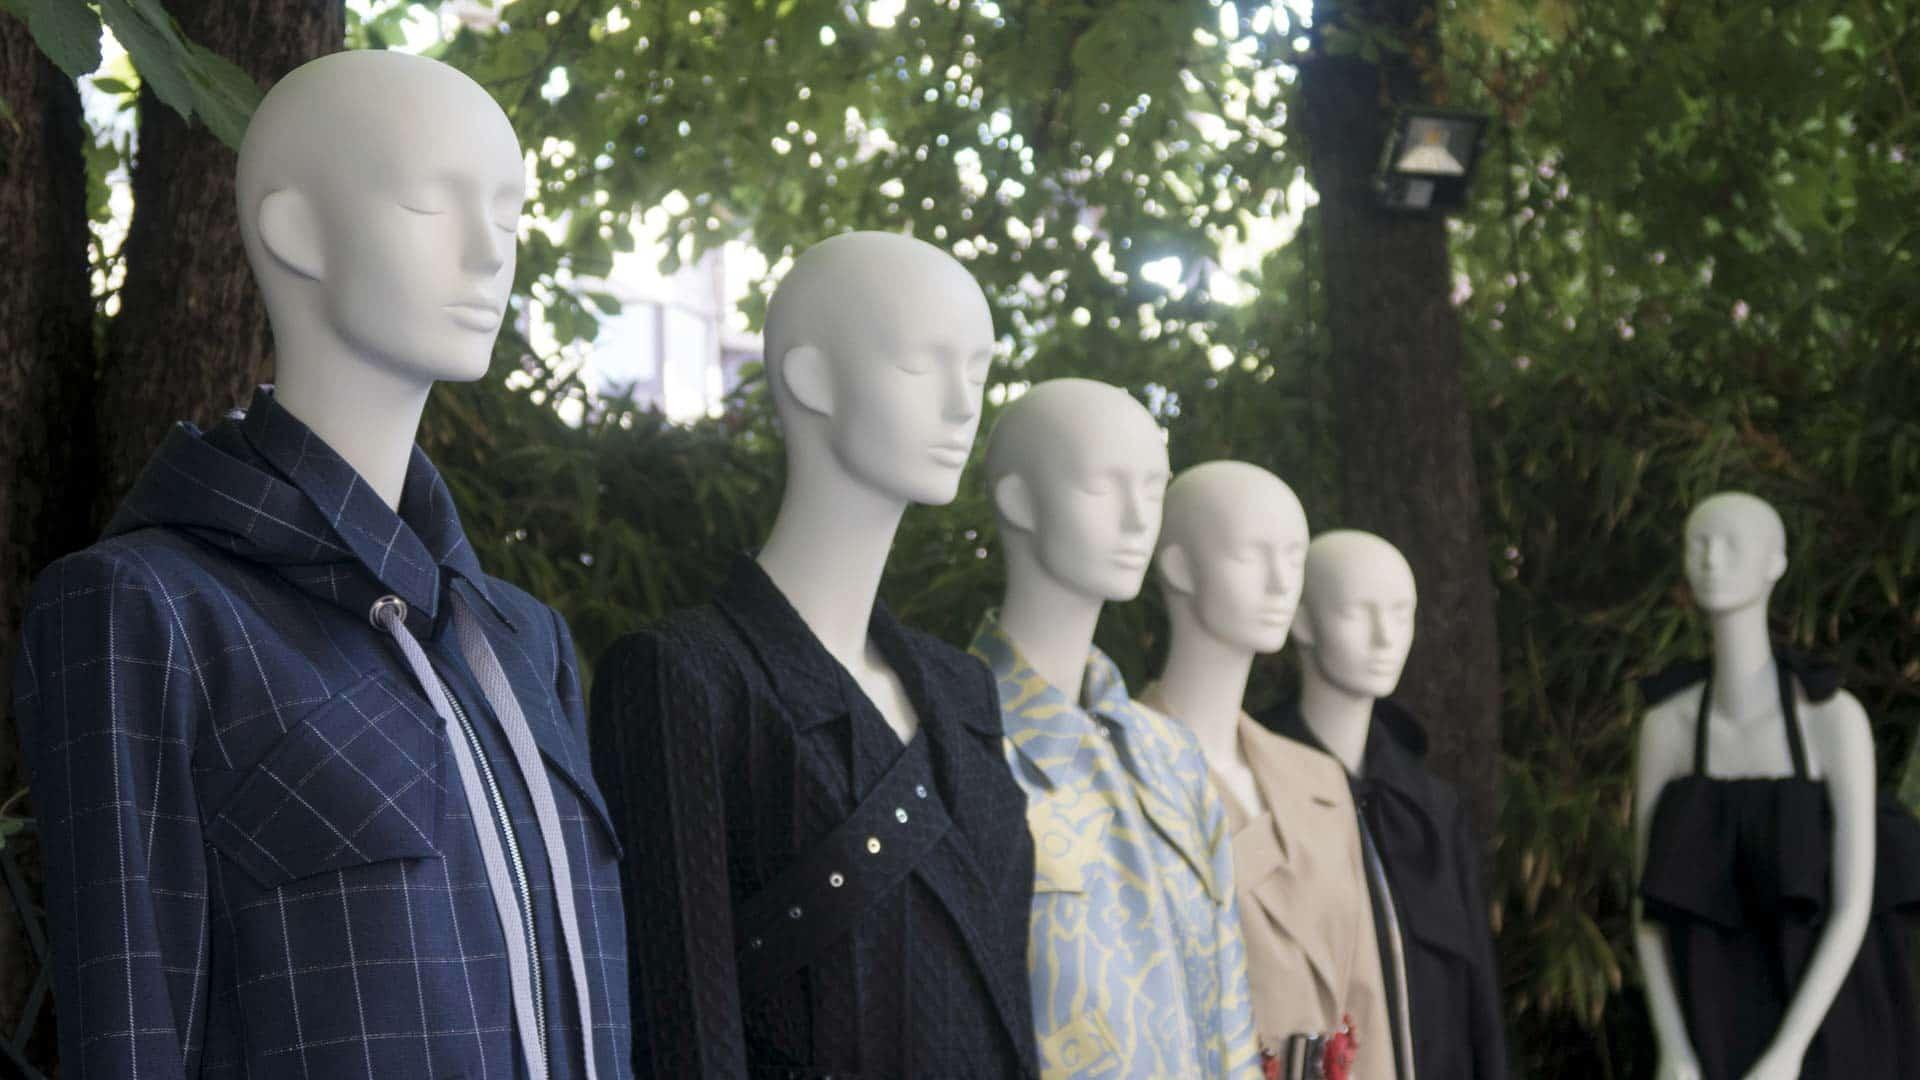 evento madrid fashion week maniquies